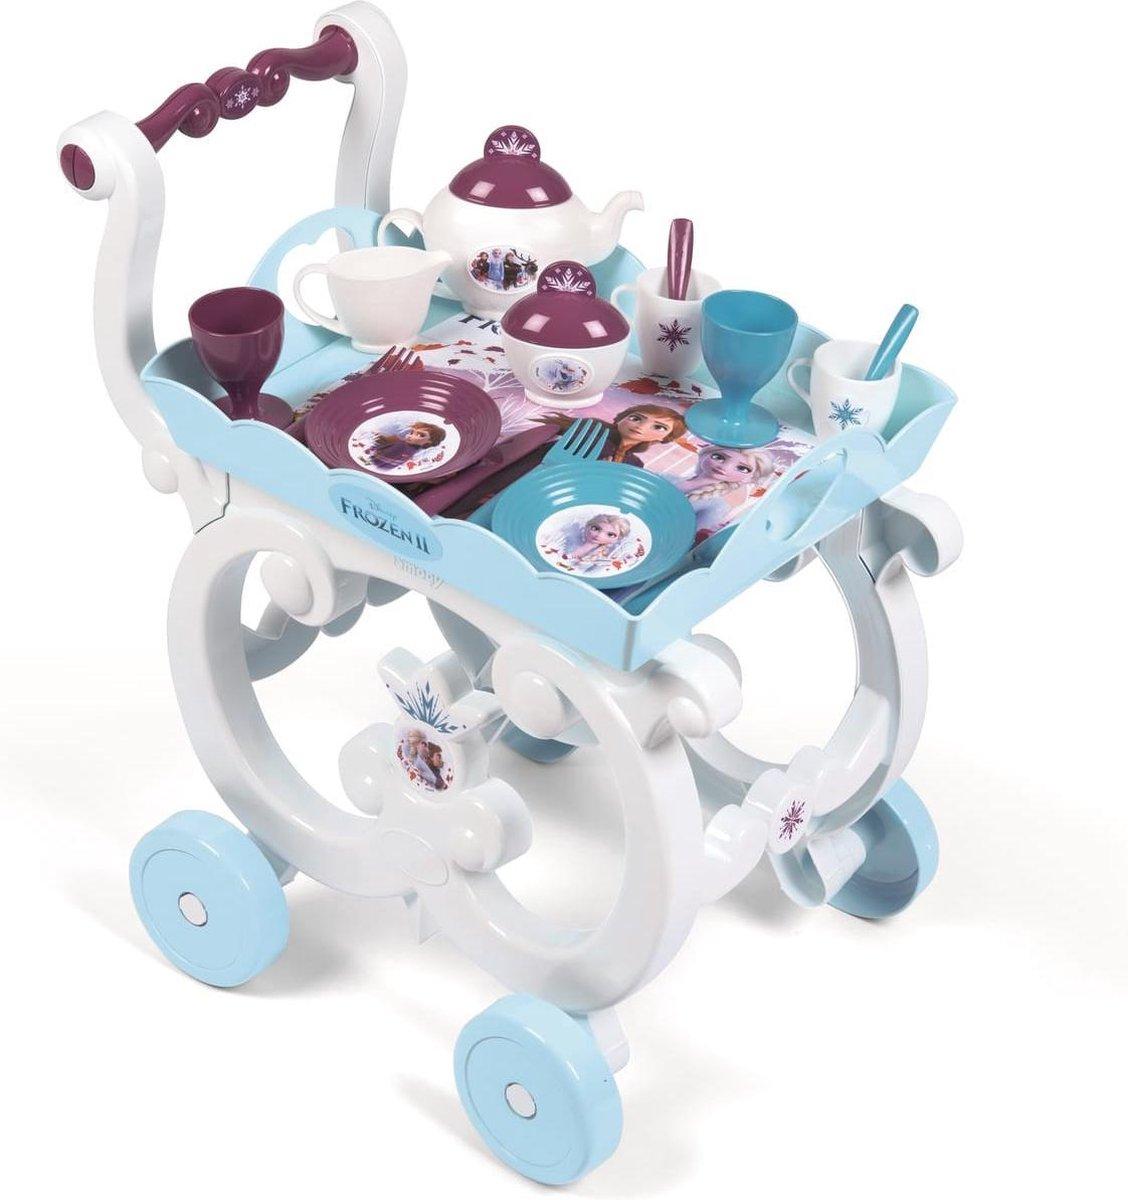 Frozen theeservies dessertenkar op rolwagen | theaset on trolley | Ensemble desserte XL avec dinette service à thé et plateau amovible